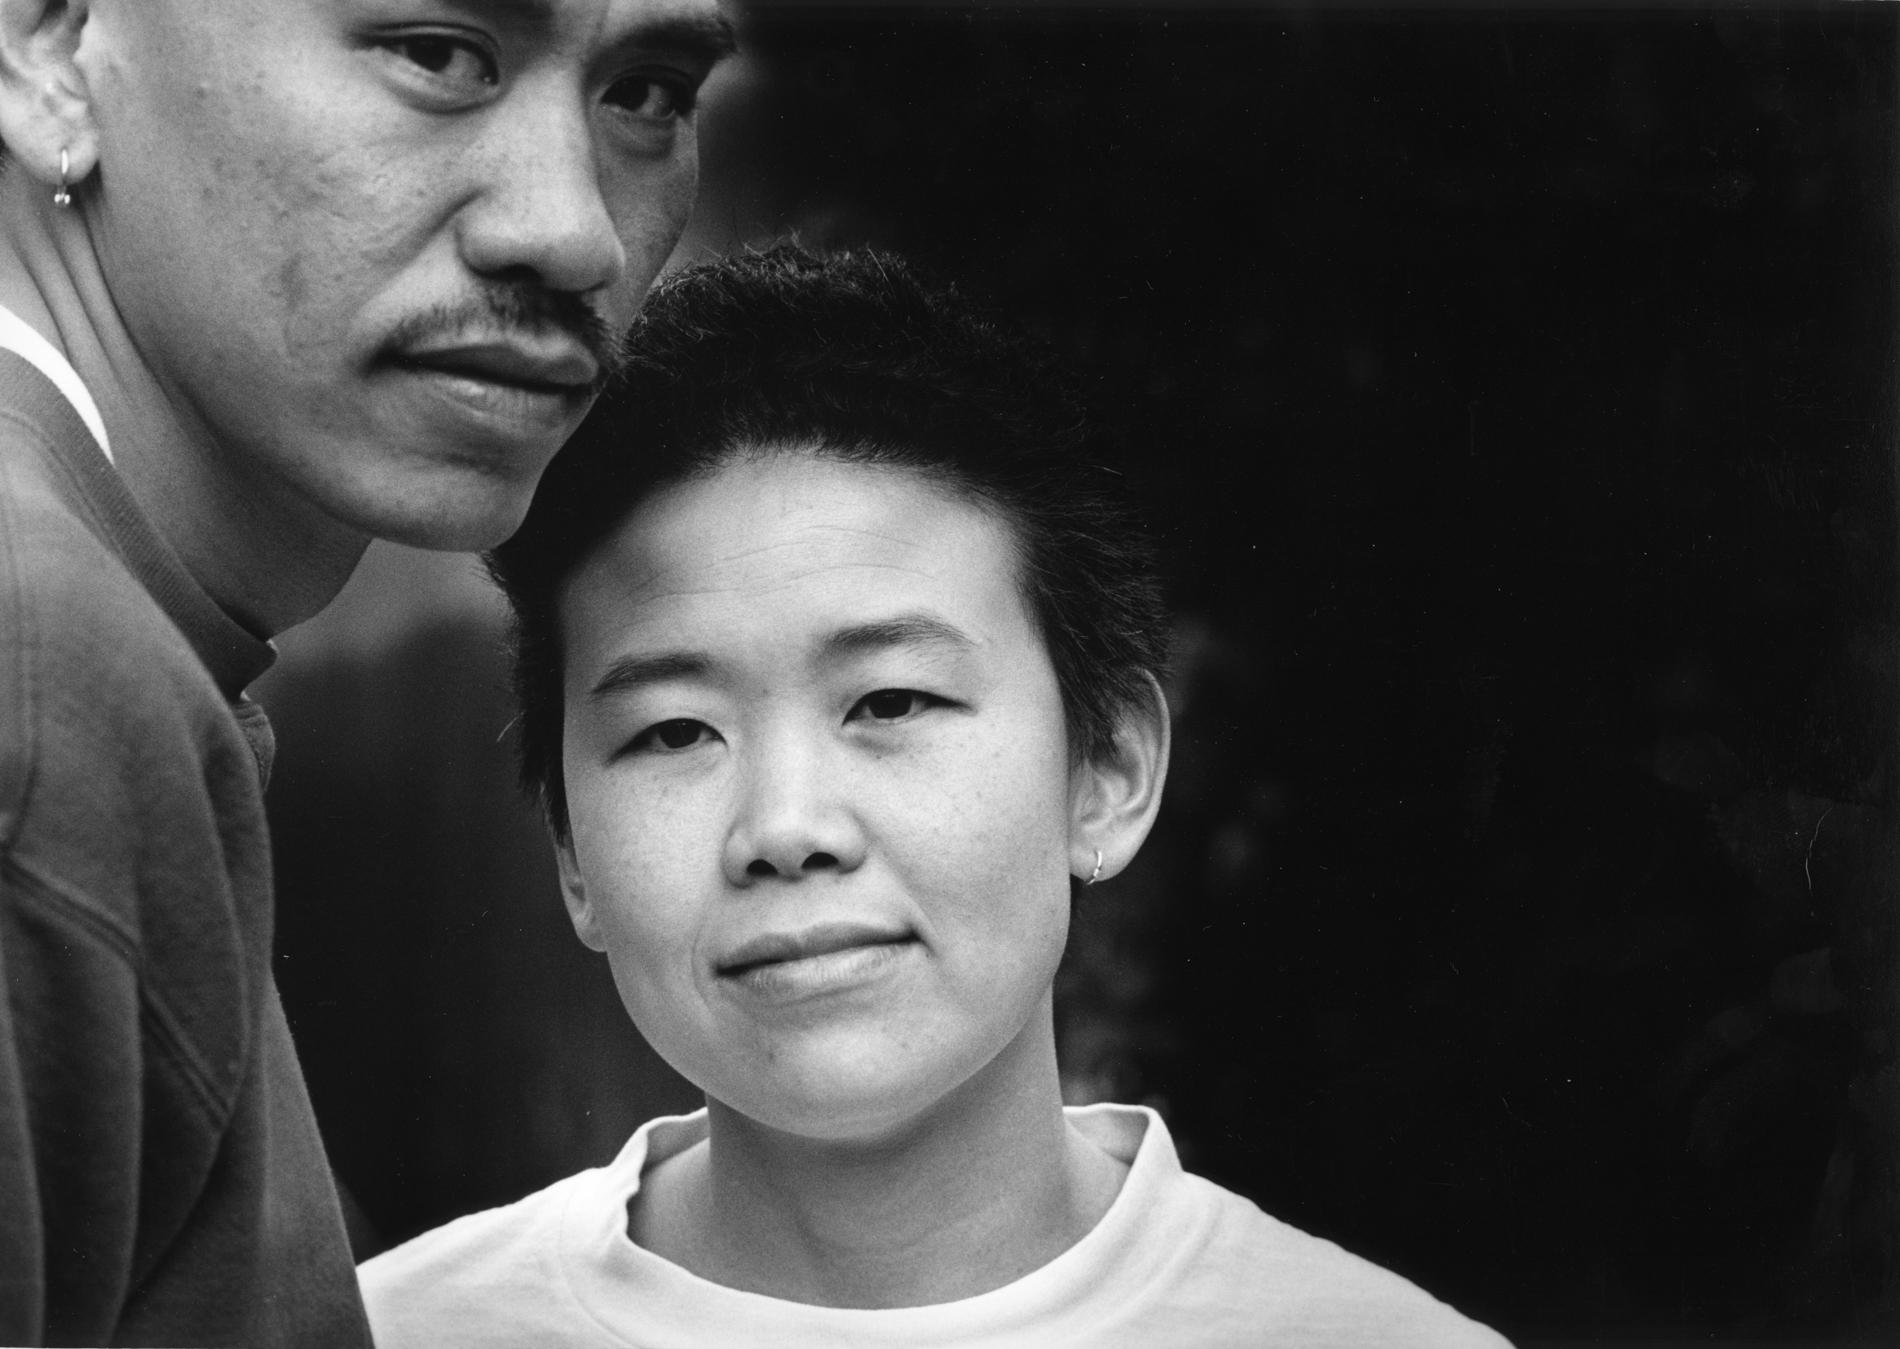 Brother and sister: Rafael and Ana Chang, 1993